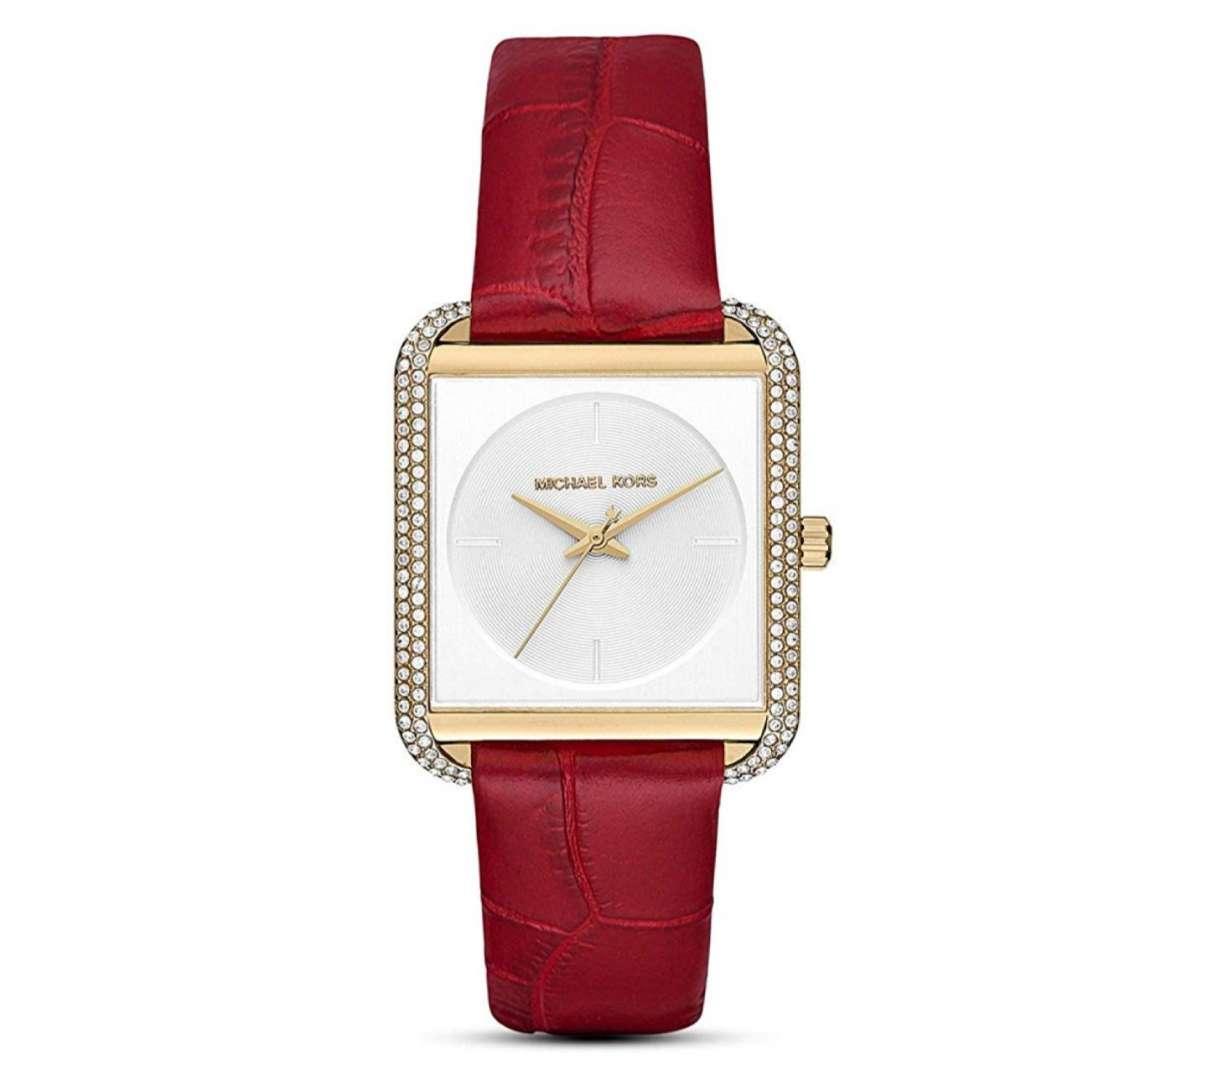 שעון יד אנלוגי michael kors mk2623 מייקל קורס